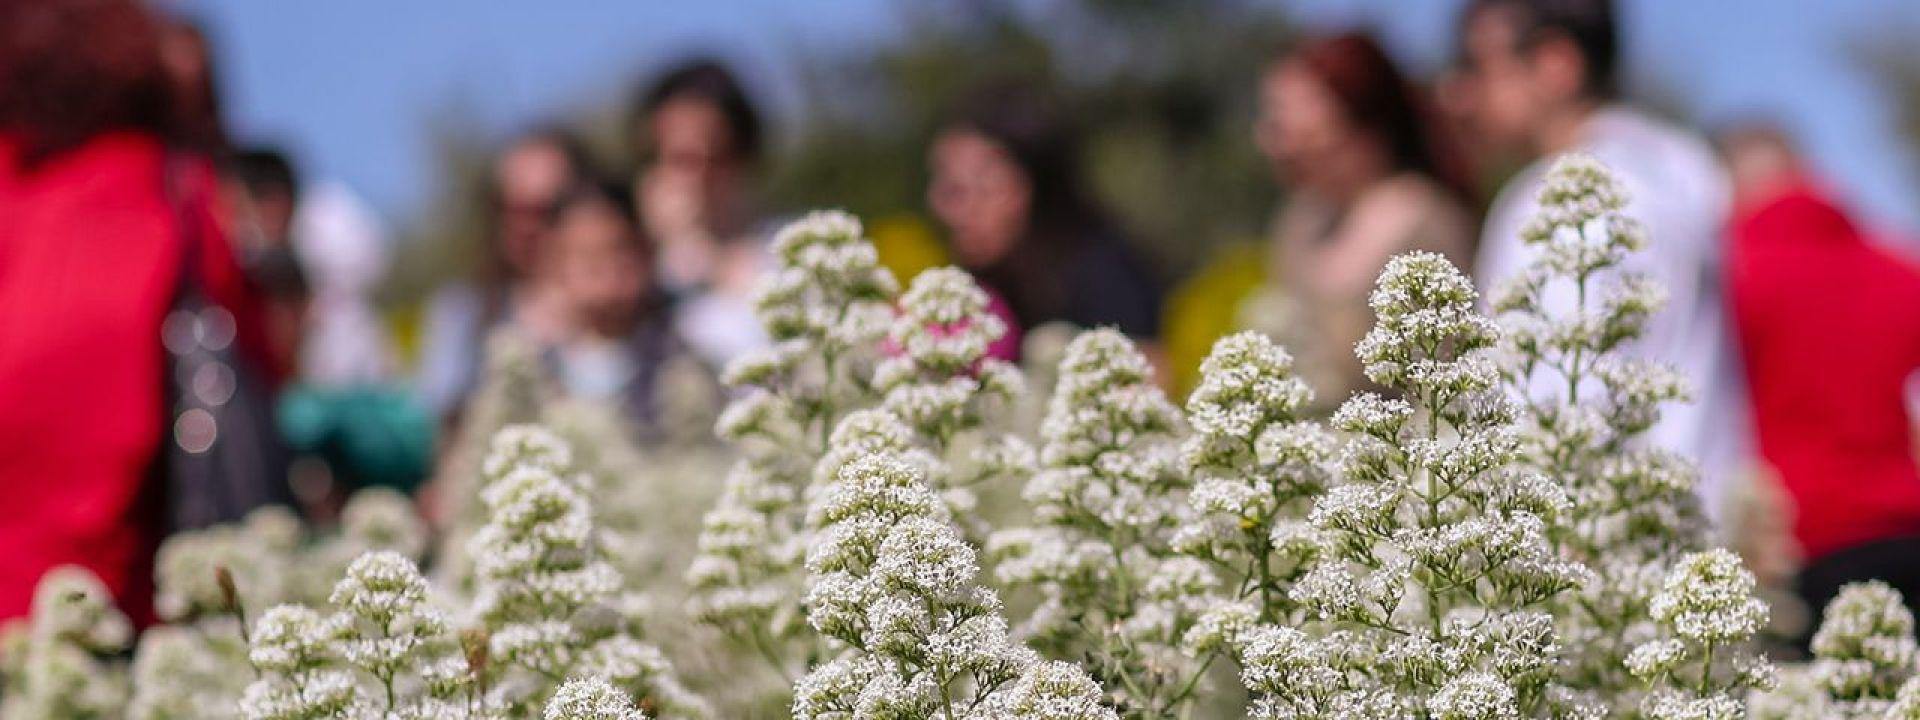 Φωτογραφία με βότανα στο Πάρκο Σταύρος Νιάρχος